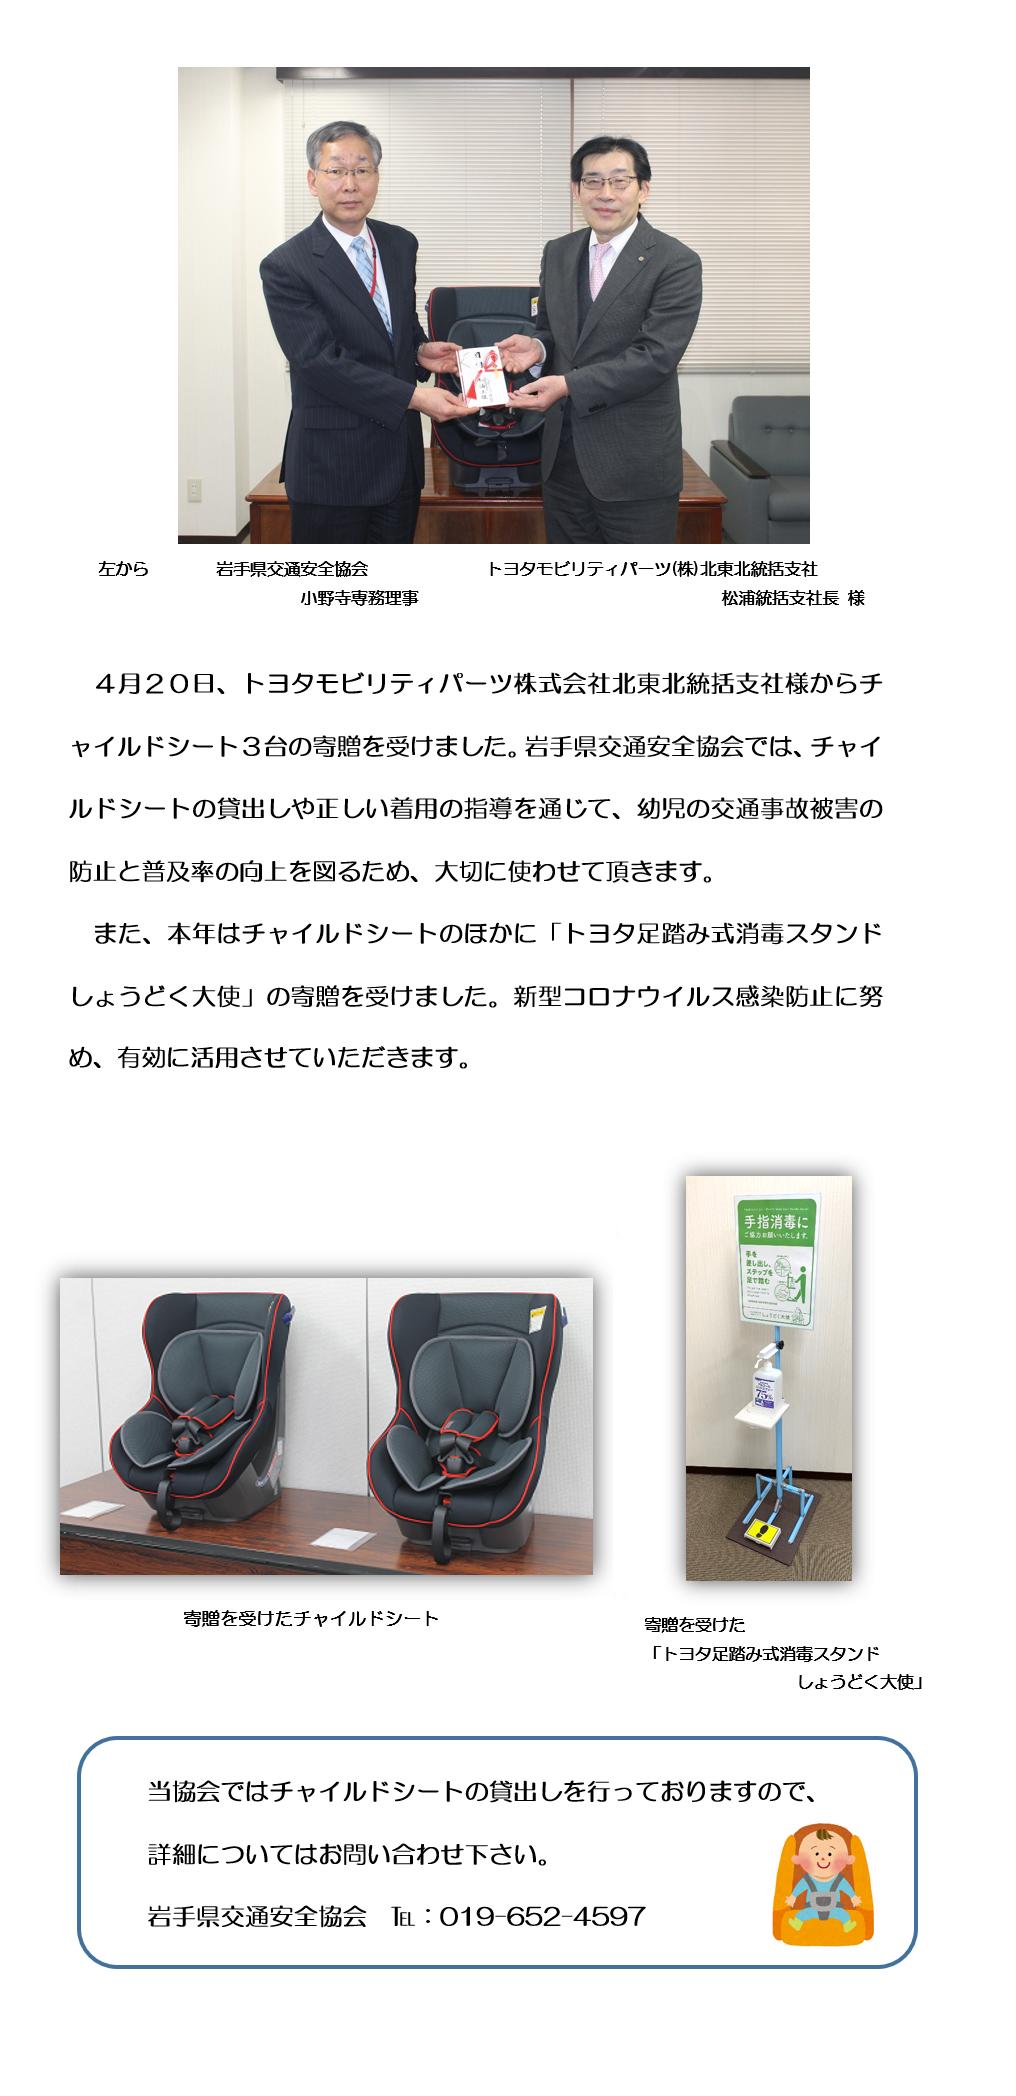 R3 チャイルド寄贈(トヨタモビリティパーツ様)